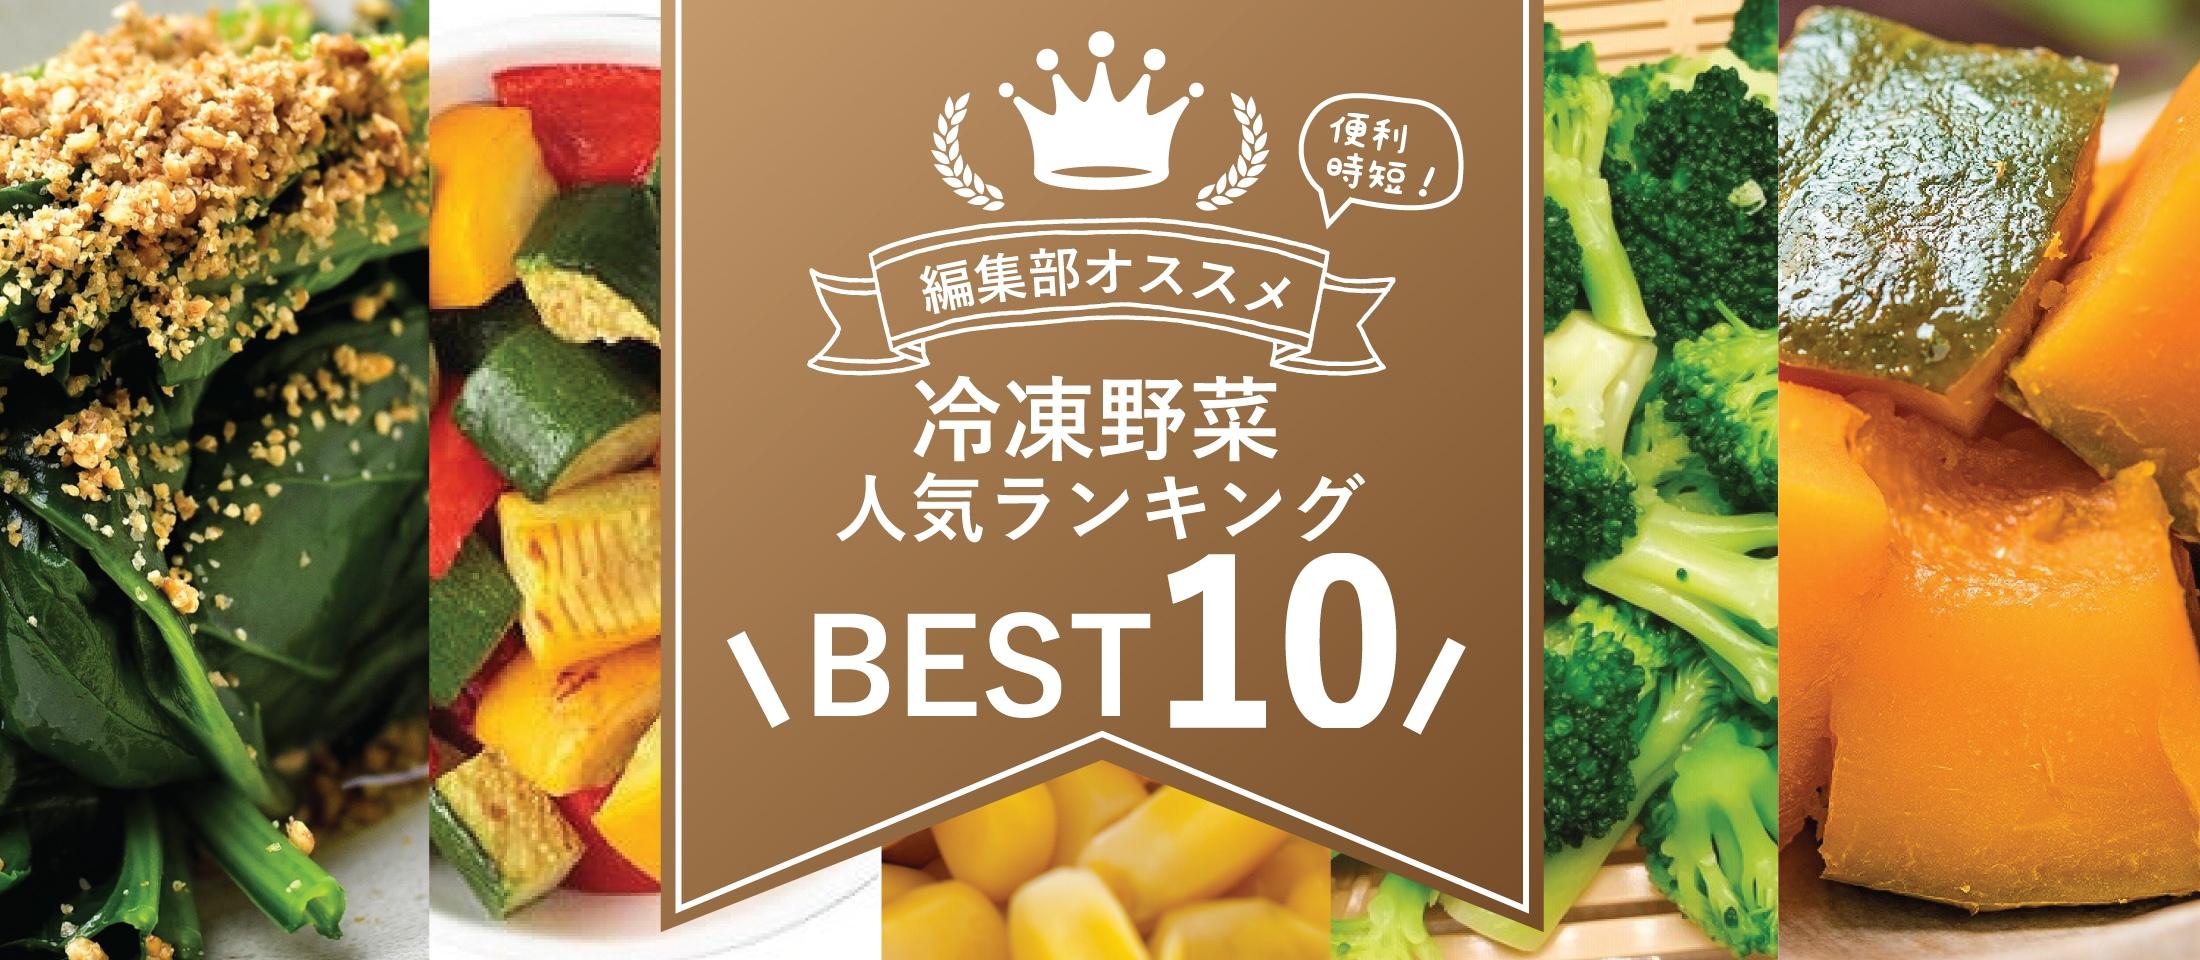 大人気冷凍野菜ランキング10特集  業務用食品・冷凍食品の通販 |ナカヤマフーズ